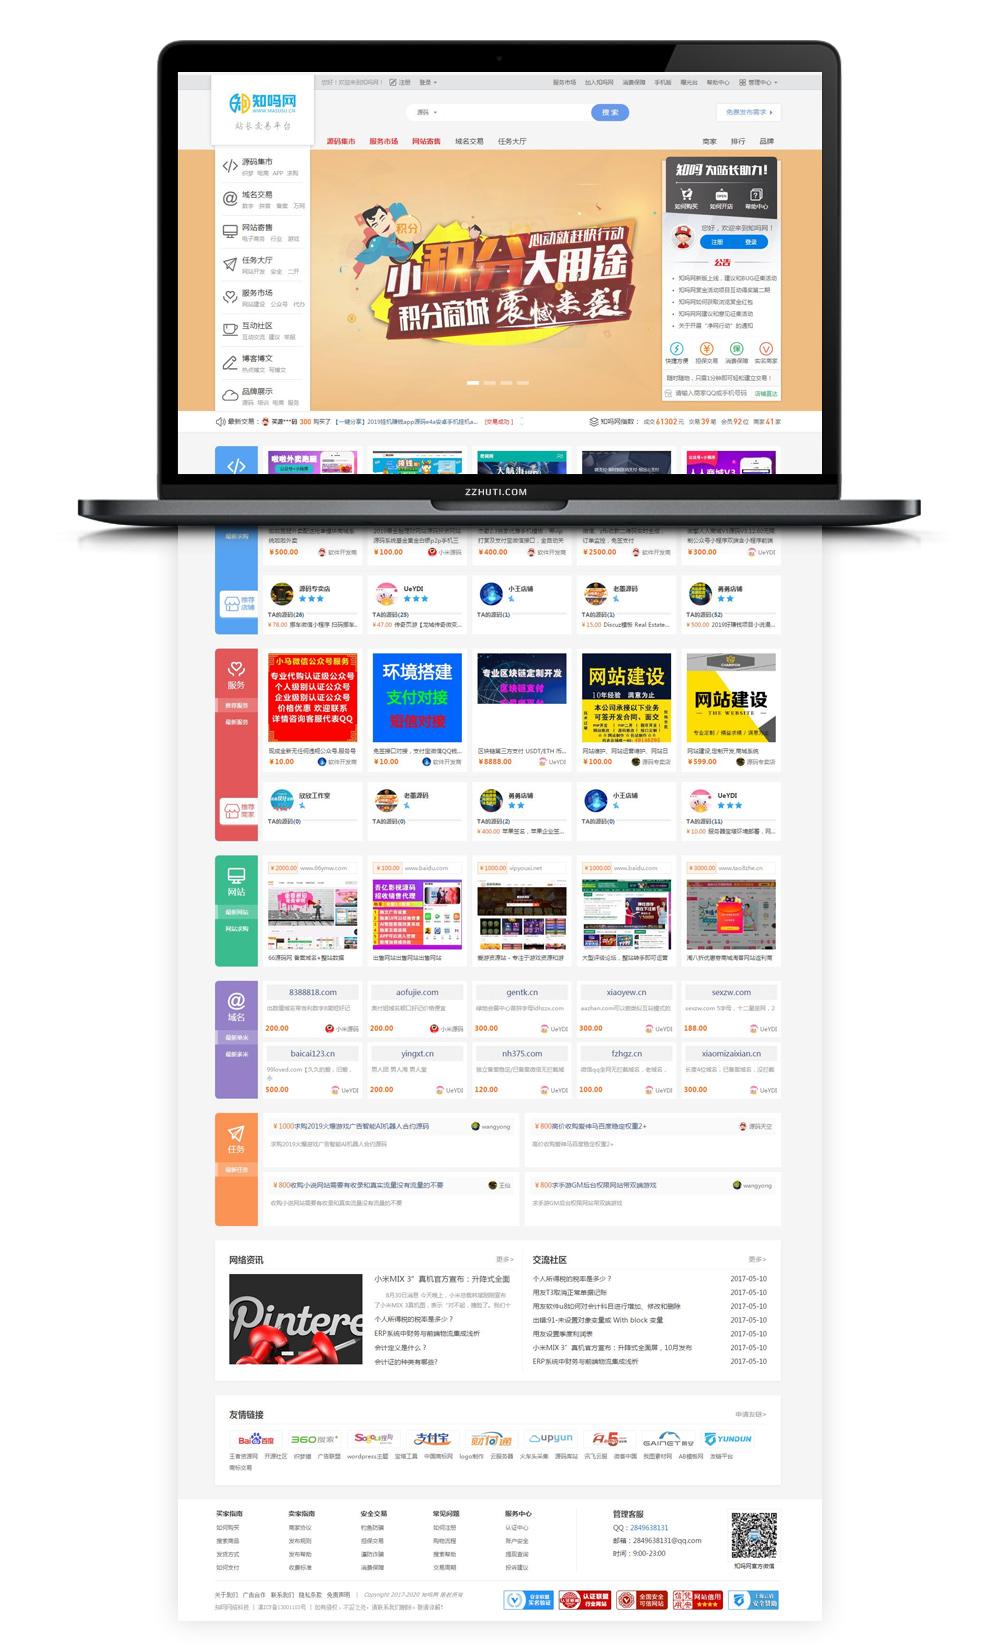 最新友价商城高仿互站虚拟商城交易平台源码带数据 第1张